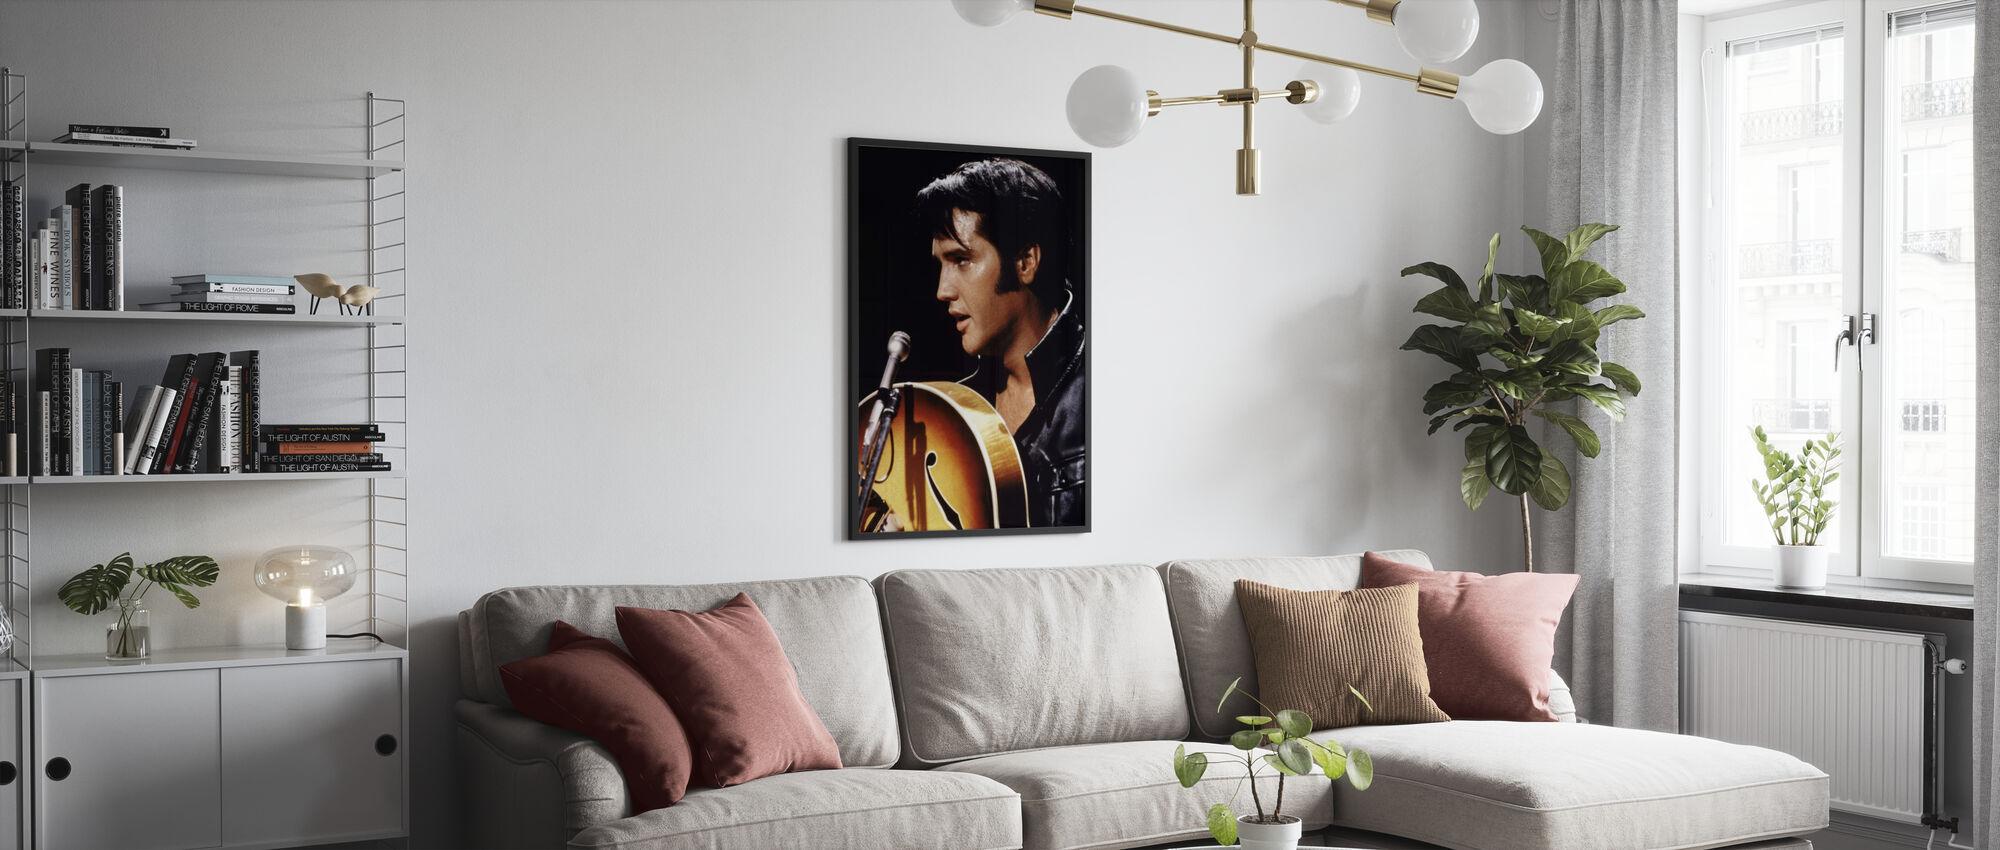 Elvis - Affiche - Salle à manger